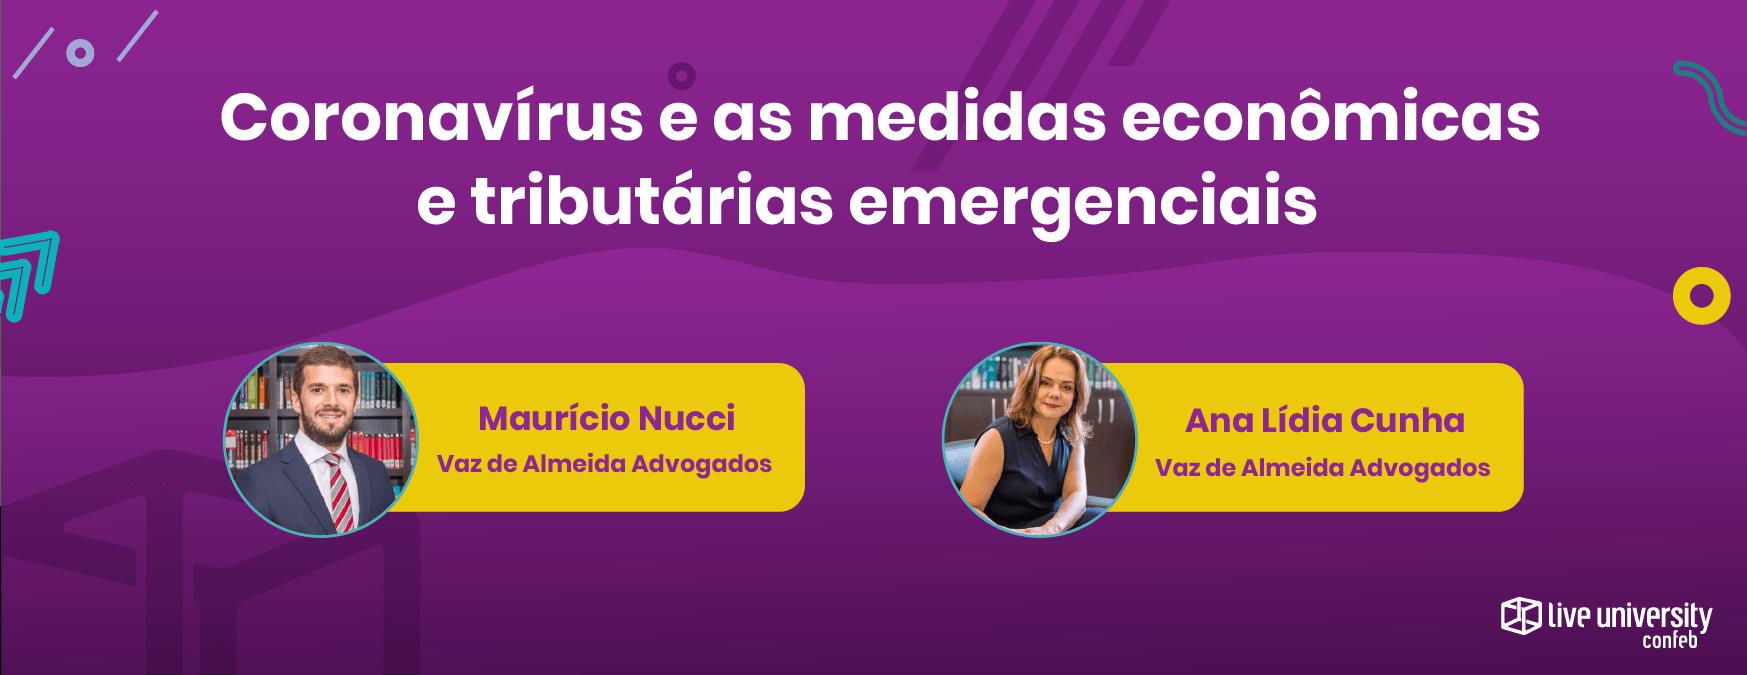 foto dos entrevistados sobre coronavírus e as medidas econômicas e tributárias emergenciais